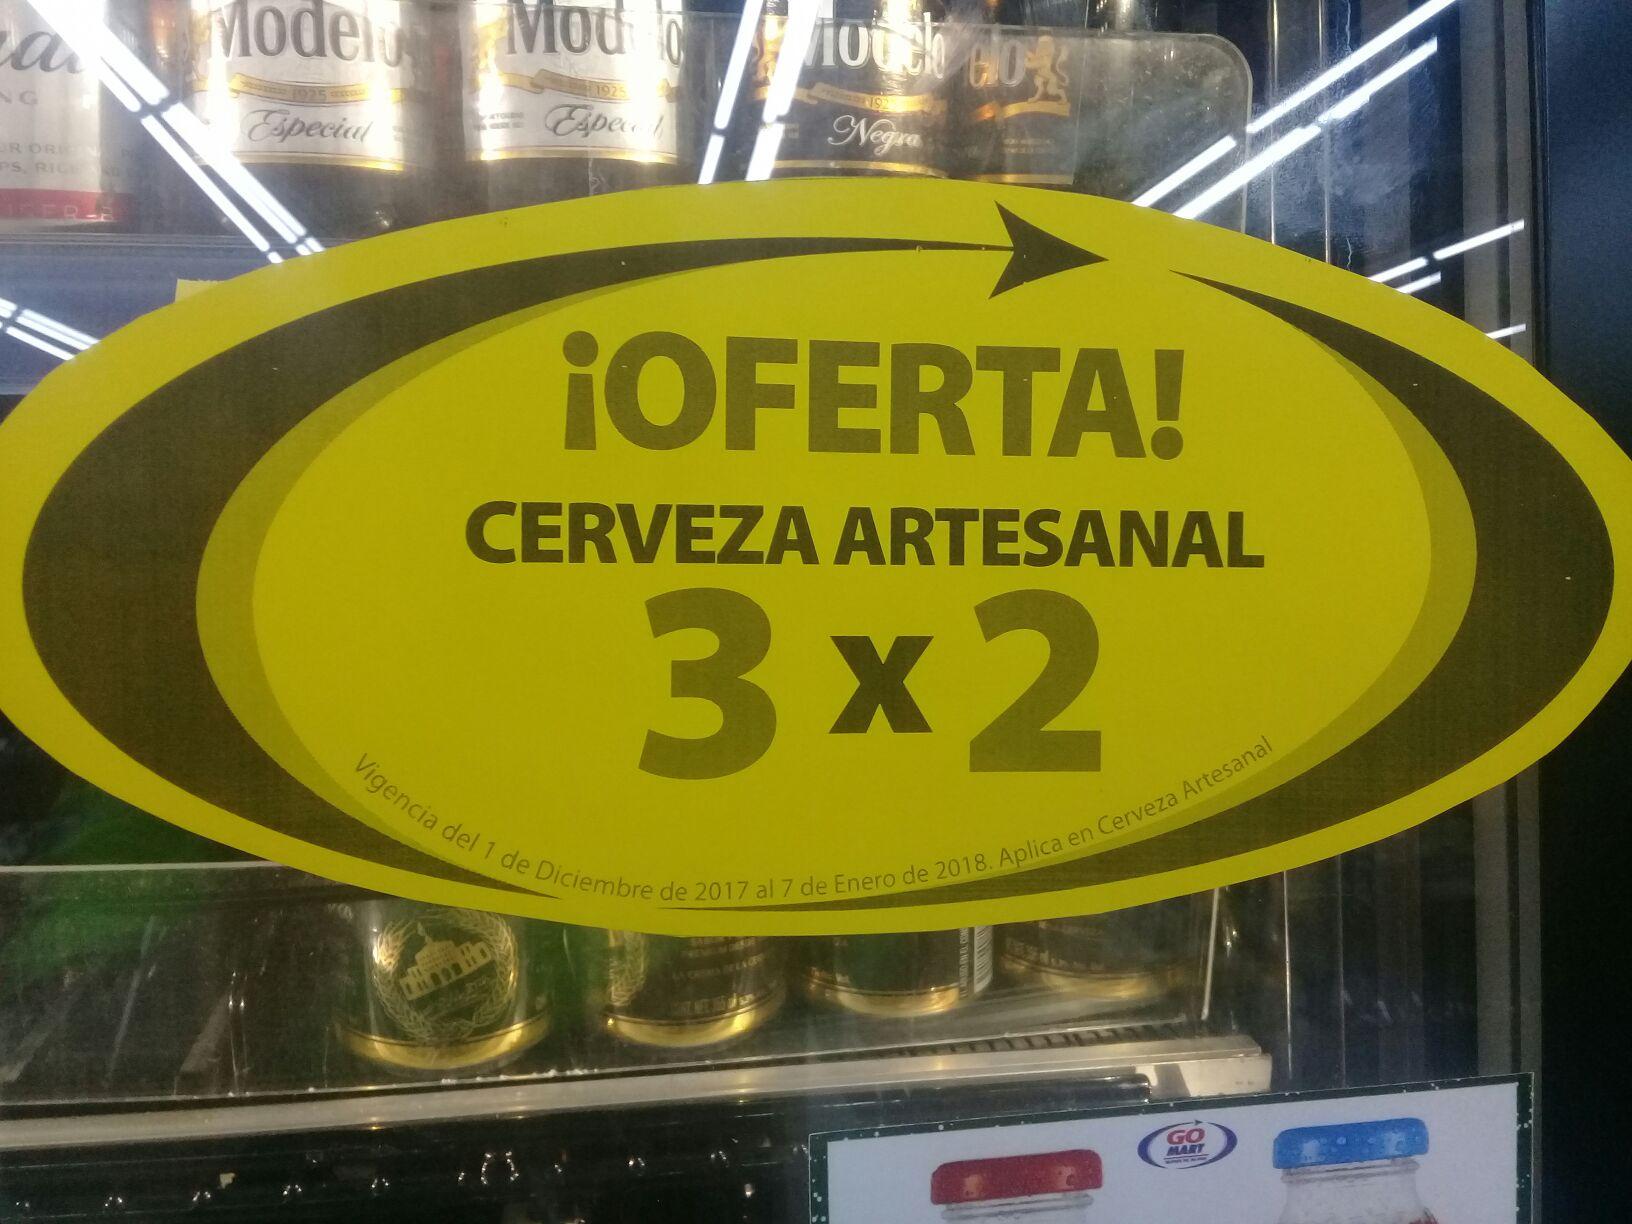 3x2 en cervezas artesanales en go mart